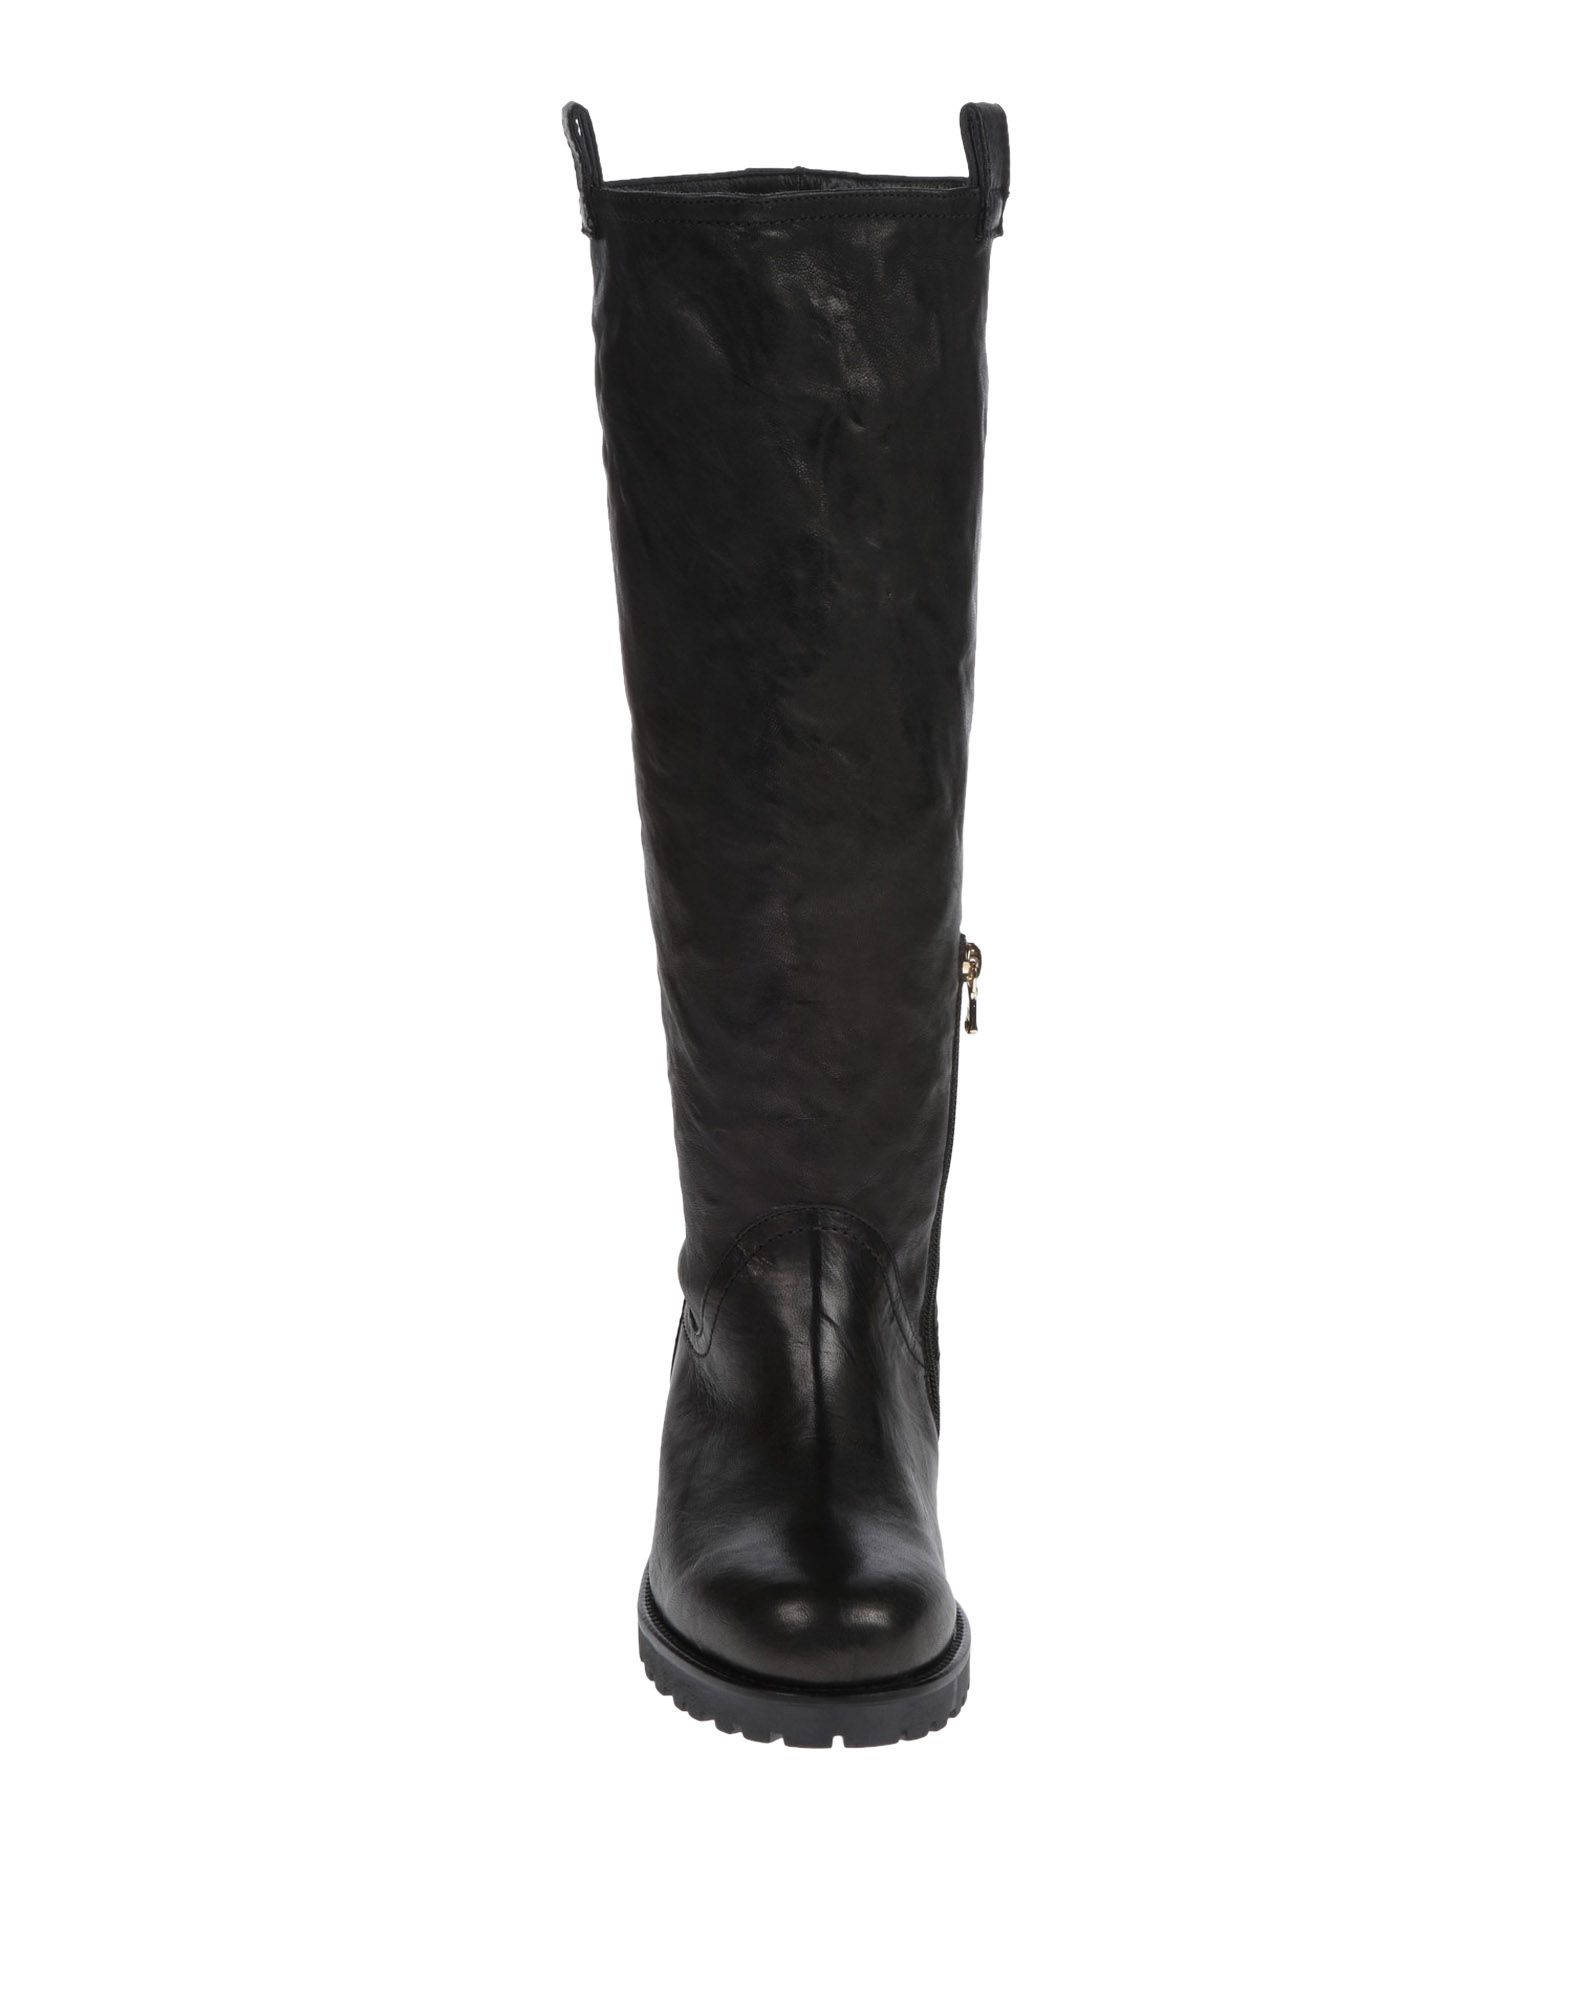 Patrizia Pepe Stiefel Damen Schuhe  11523385BBGut aussehende strapazierfähige Schuhe Damen b9b6eb